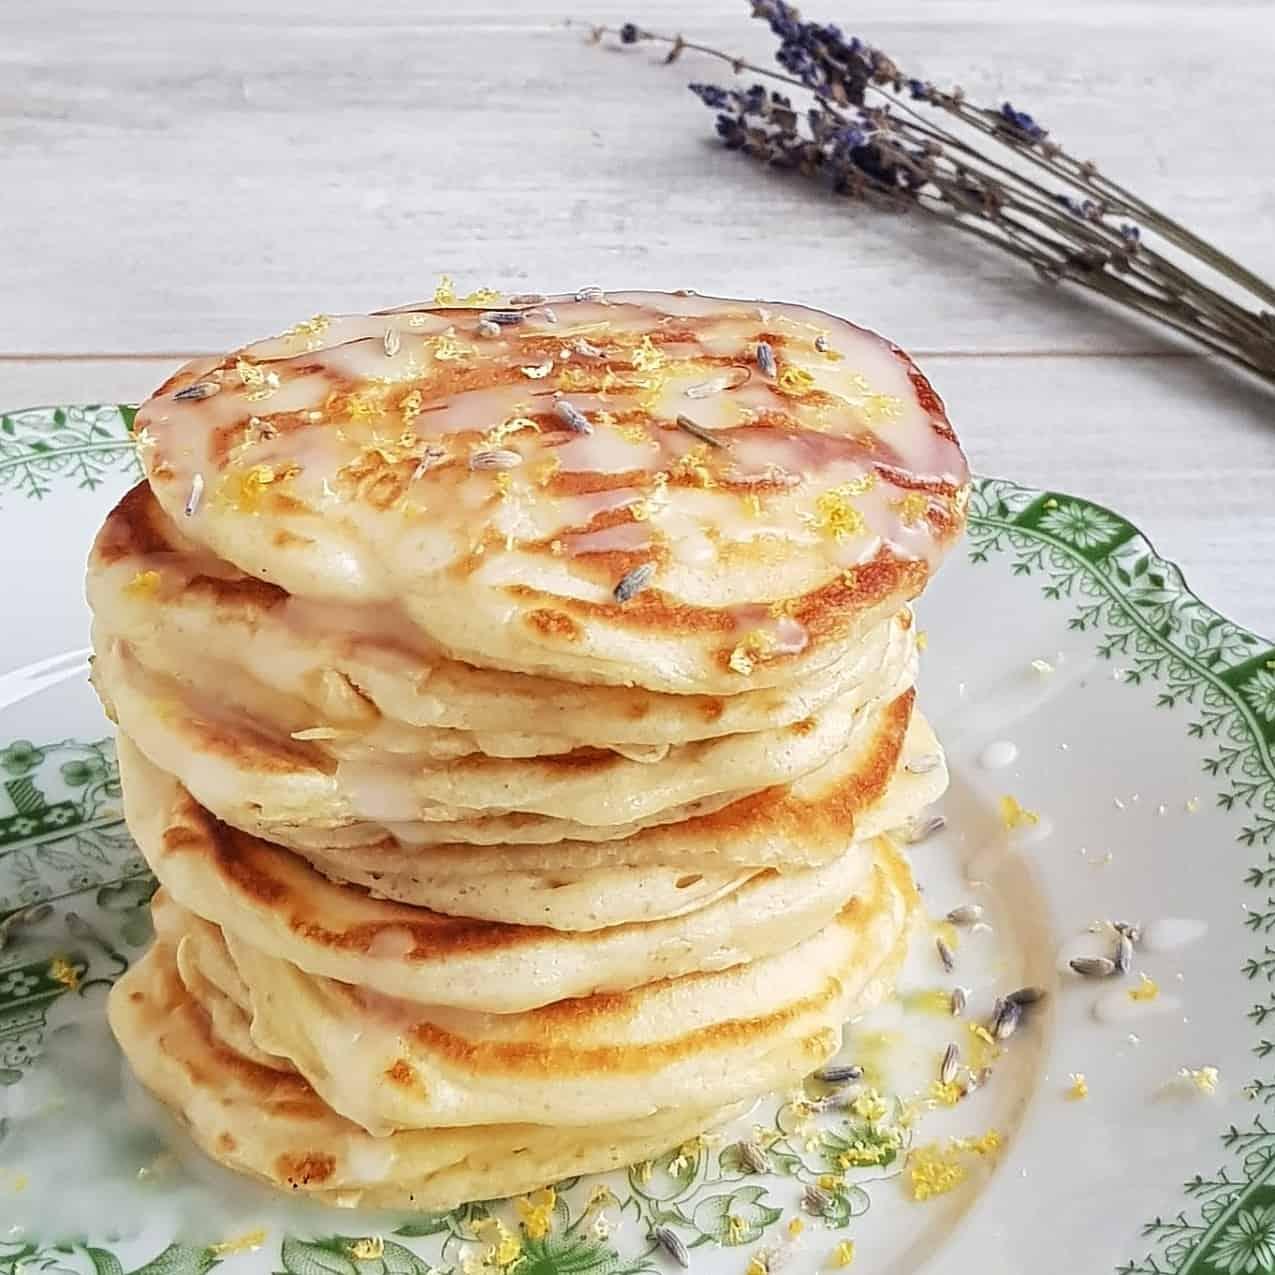 Lavendel pancakes